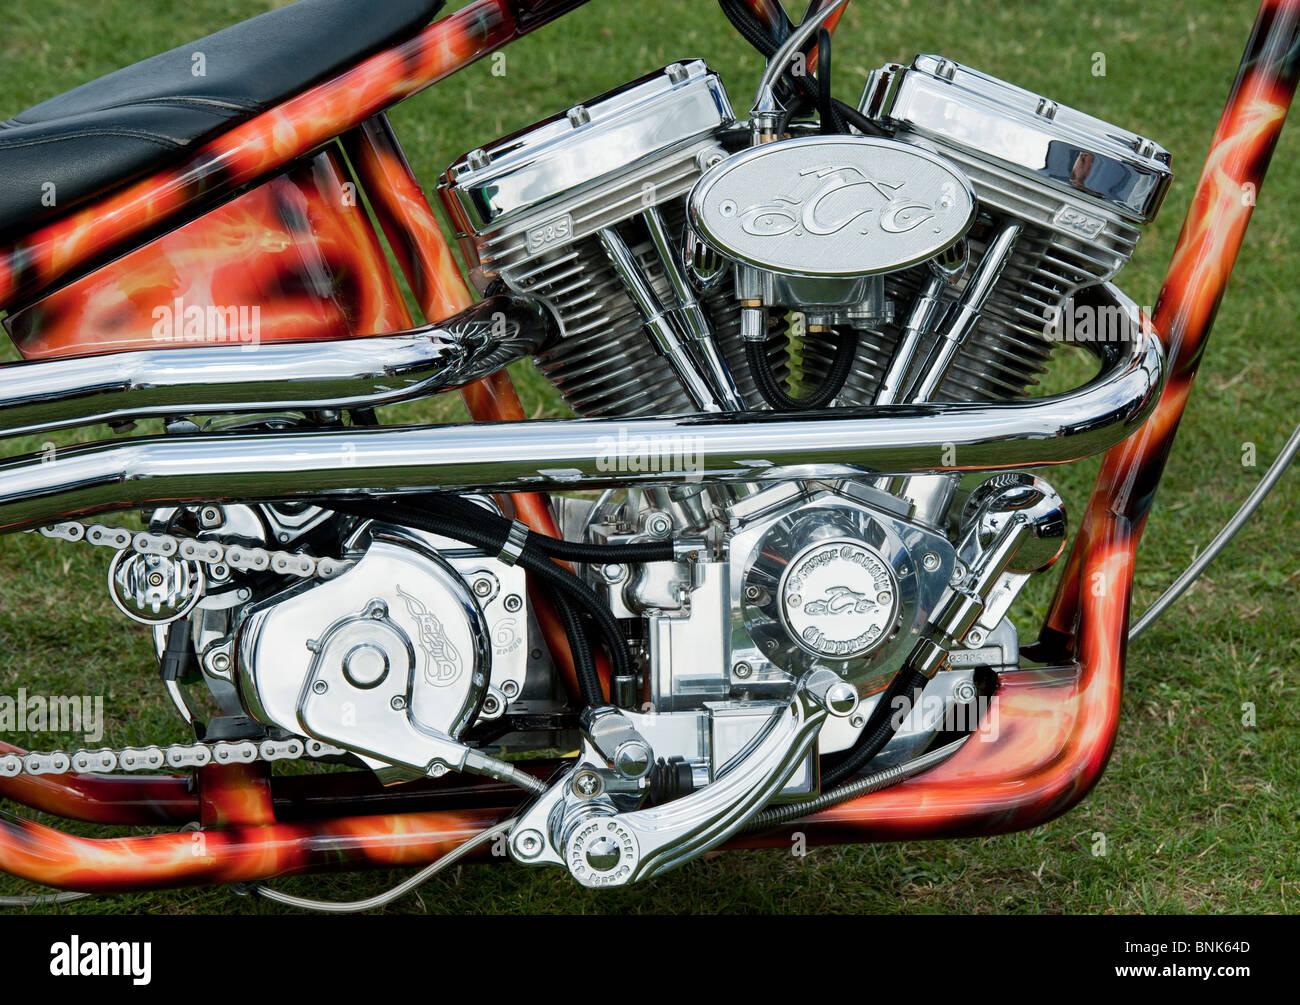 custom chopper harley davidson motorrad mit einem v twin. Black Bedroom Furniture Sets. Home Design Ideas